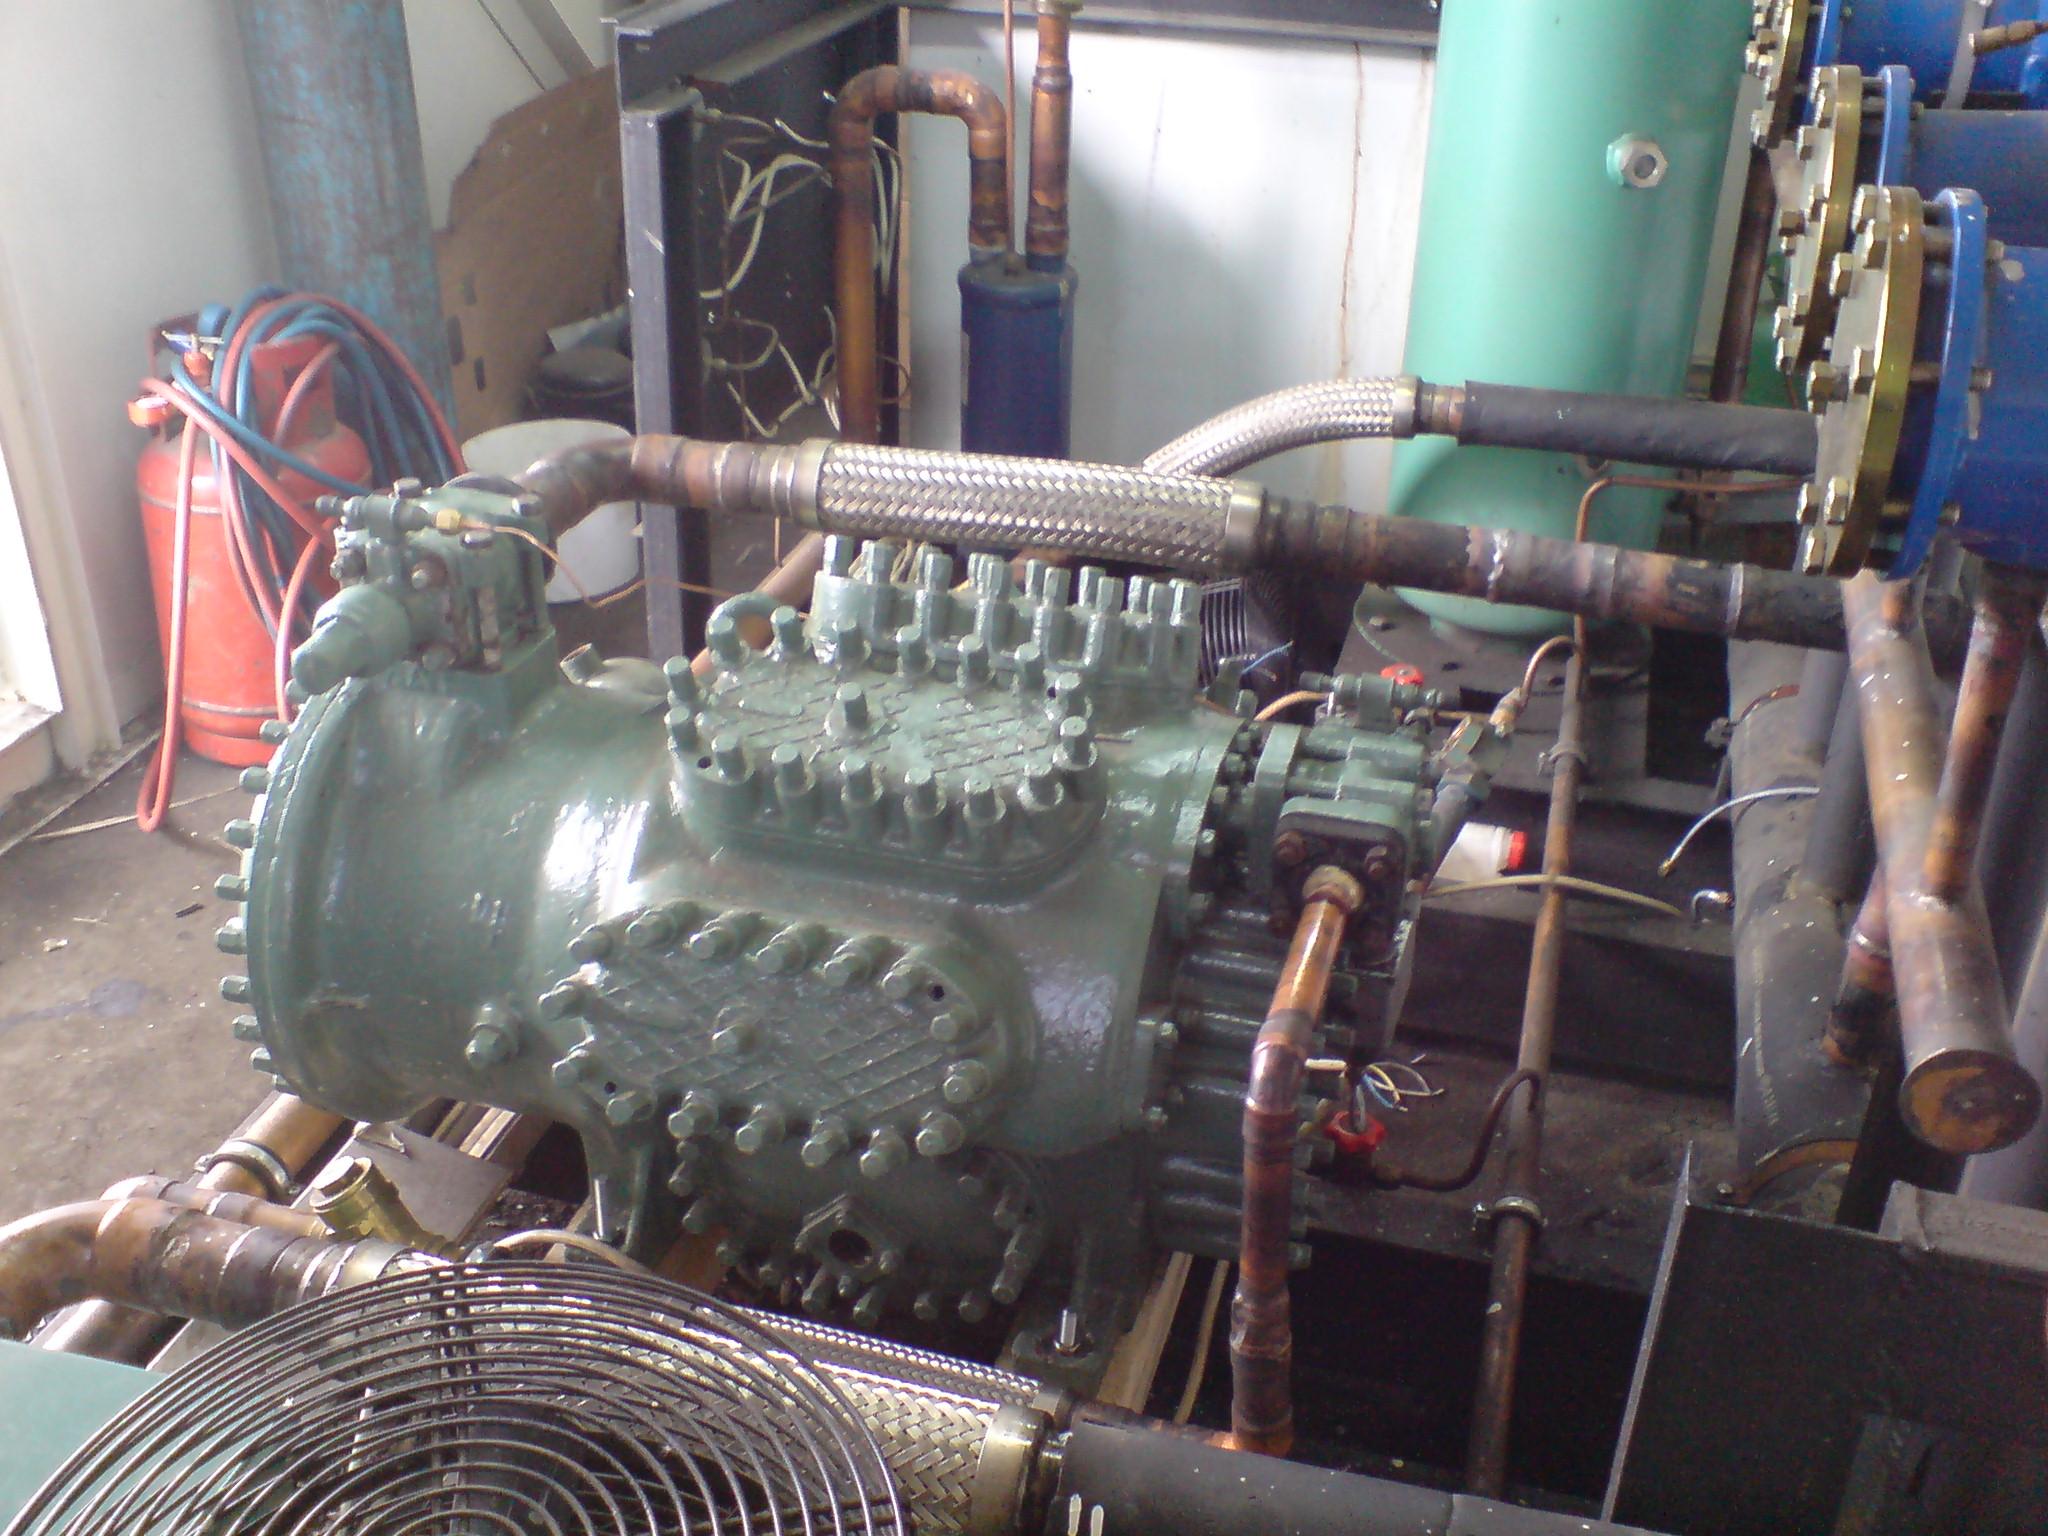 refma-fuubs-reciproating-compressor